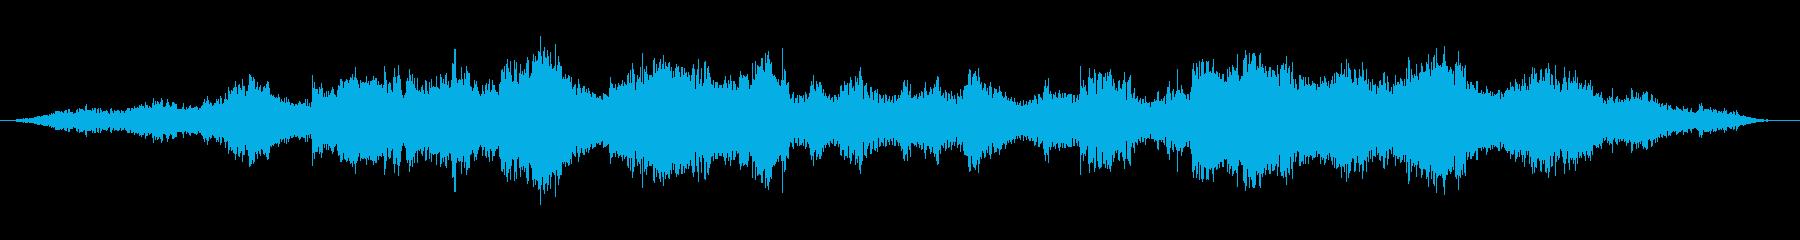 瞑想 ヨガ キラキラしたヒーリングBGMの再生済みの波形